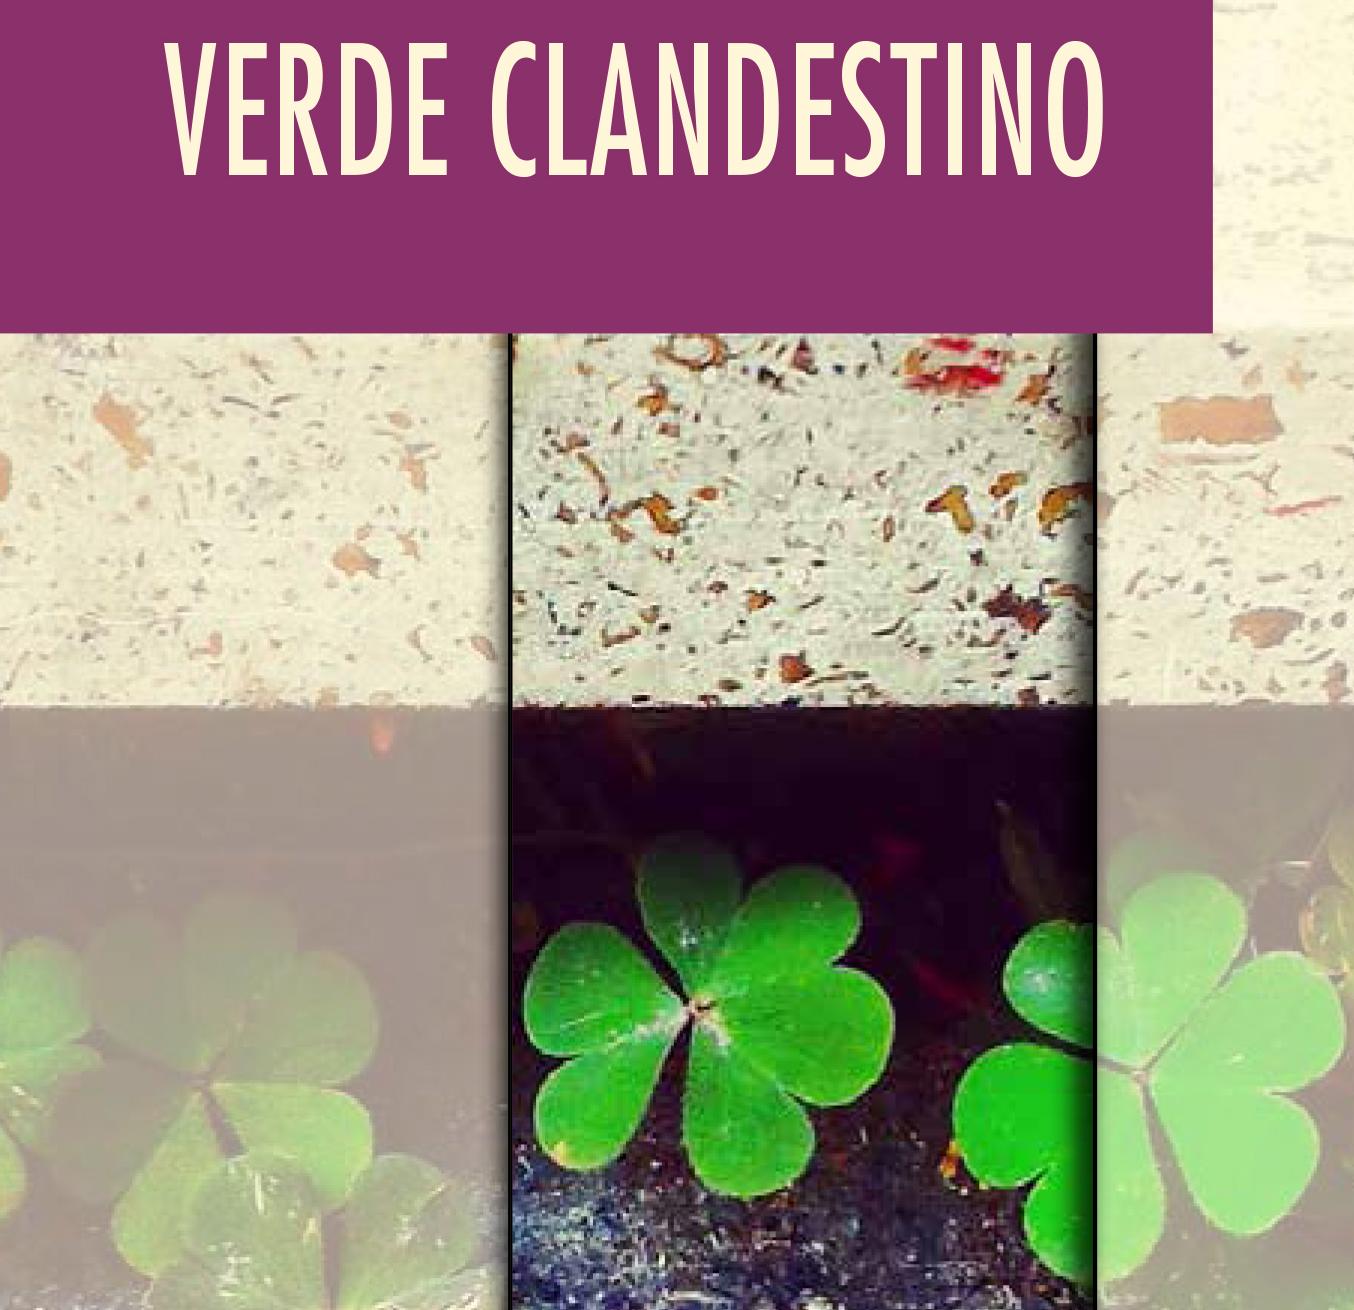 verde clandestino cover